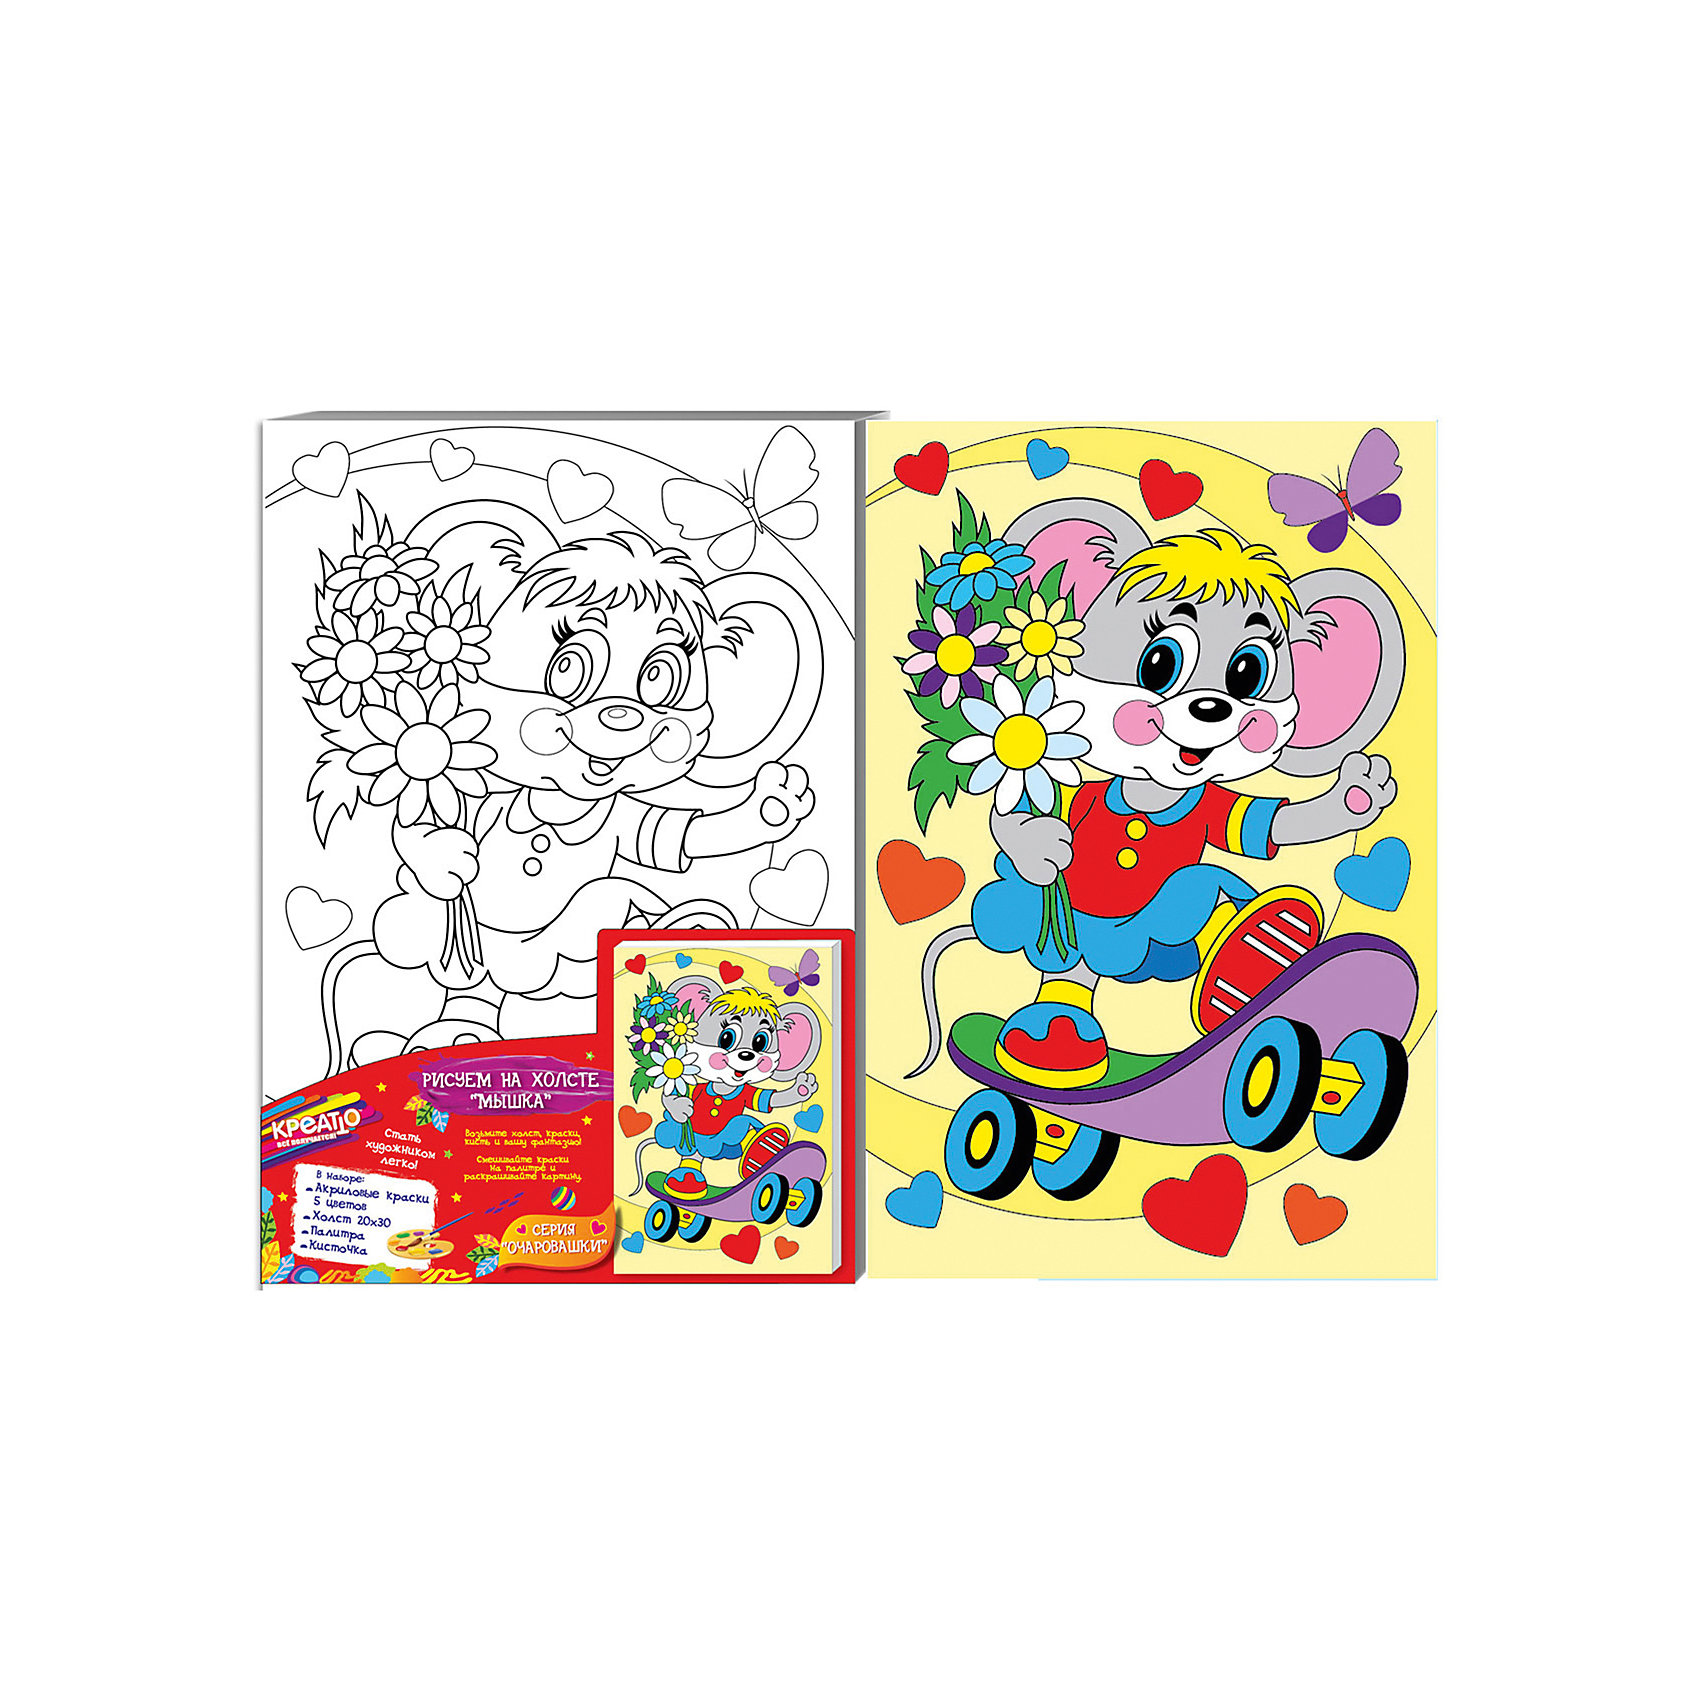 Роспись по холсту МЫШКА, 20Х30СМРисование<br>Добро пожаловать в мир КРЕАТТО! Предложите ребенку создать на холсте милую картинку «Мышка» из серии «Очаровашки». В наборе есть все необходимое. Выдавите краску из тюбиков на палитру, при желании смешайте цвета, получив новые оттенки, или разбавьте краски водой для придания им прозрачности. Если ошиблись, то просто закрасьте фрагмент новым цветом поверх подсохшей краски. Акриловые краски легко ложатся на холст, быстро сохнут, хорошо растворяются в воде, после высыхания становятся водонепроницаемыми. У юного художника получится яркая картина с изображением мышки на самокате, которую можно поставить на видное место. А во время работы с холстом у ребенка развивается мелкая моторика, художественный вкус, воображение, умение рисовать и сочетать цвета.&#13;<br>В наборе: плотный отбеленный загрунтованный холст с контурным рисунком, натянутый на деревянную рамку (20х30 см); 5 ярких цветов акриловых красок в металлических тубах; палитра; кисточка. Товар сертифицирован. Срок годности: 3 года.<br><br>Ширина мм: 200<br>Глубина мм: 300<br>Высота мм: 15<br>Вес г: 244<br>Возраст от месяцев: 36<br>Возраст до месяцев: 84<br>Пол: Унисекс<br>Возраст: Детский<br>SKU: 5016380